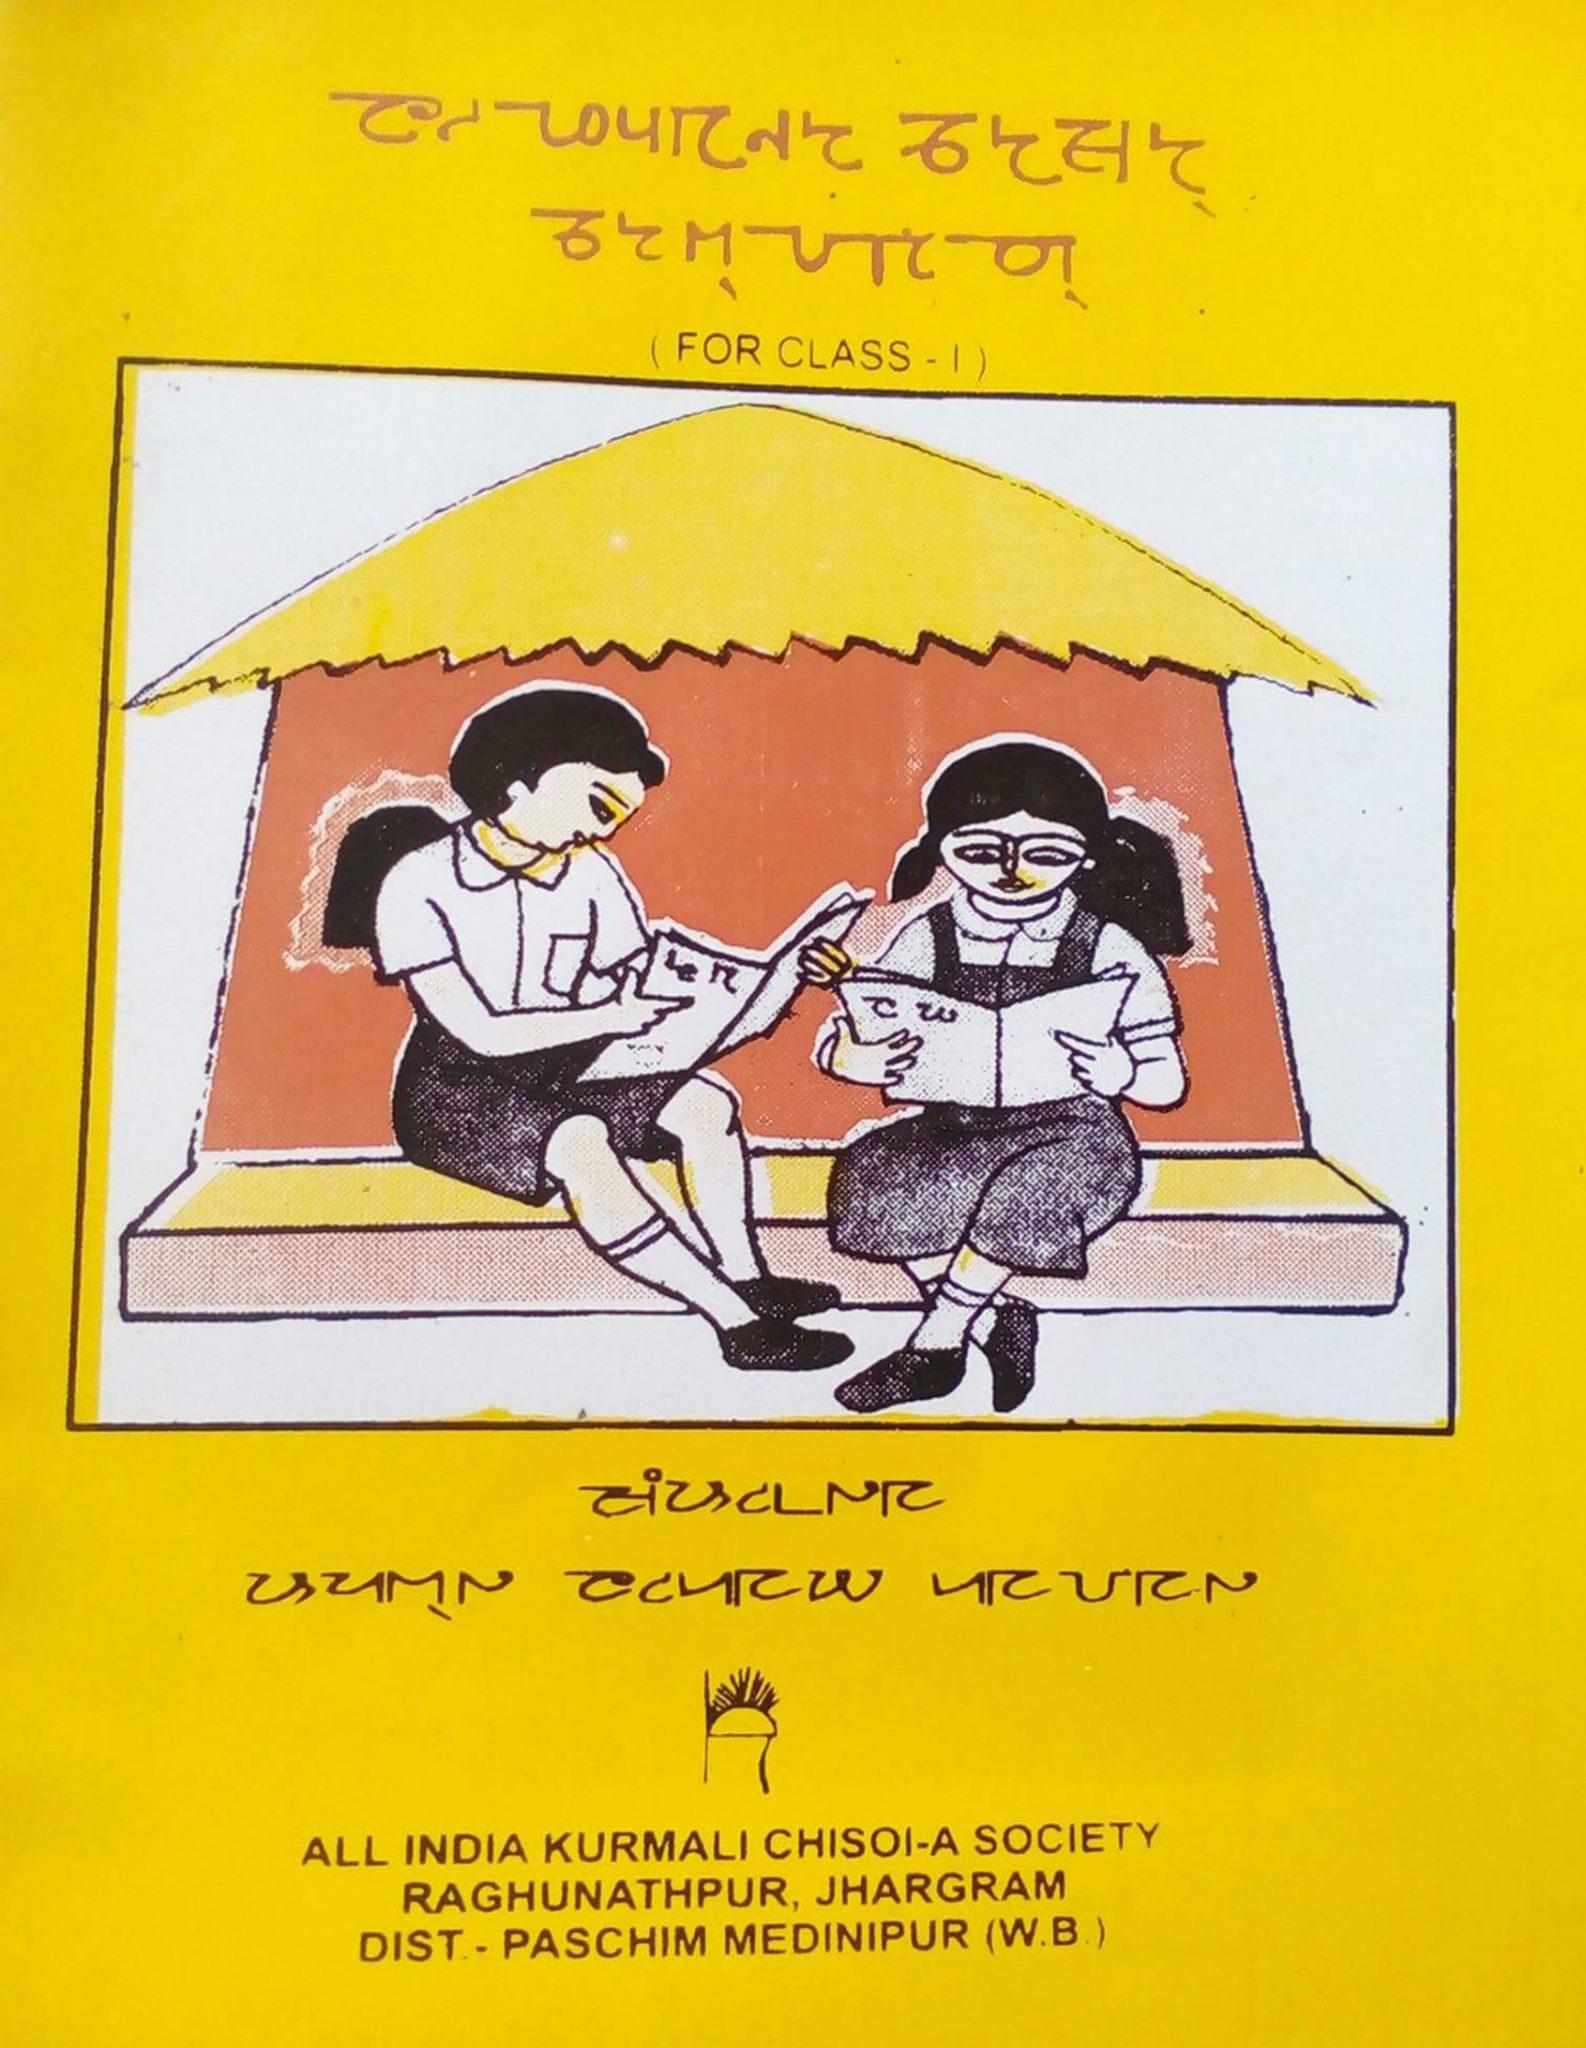 স্বীকৃতি পেল কুড়মালি ভাষা